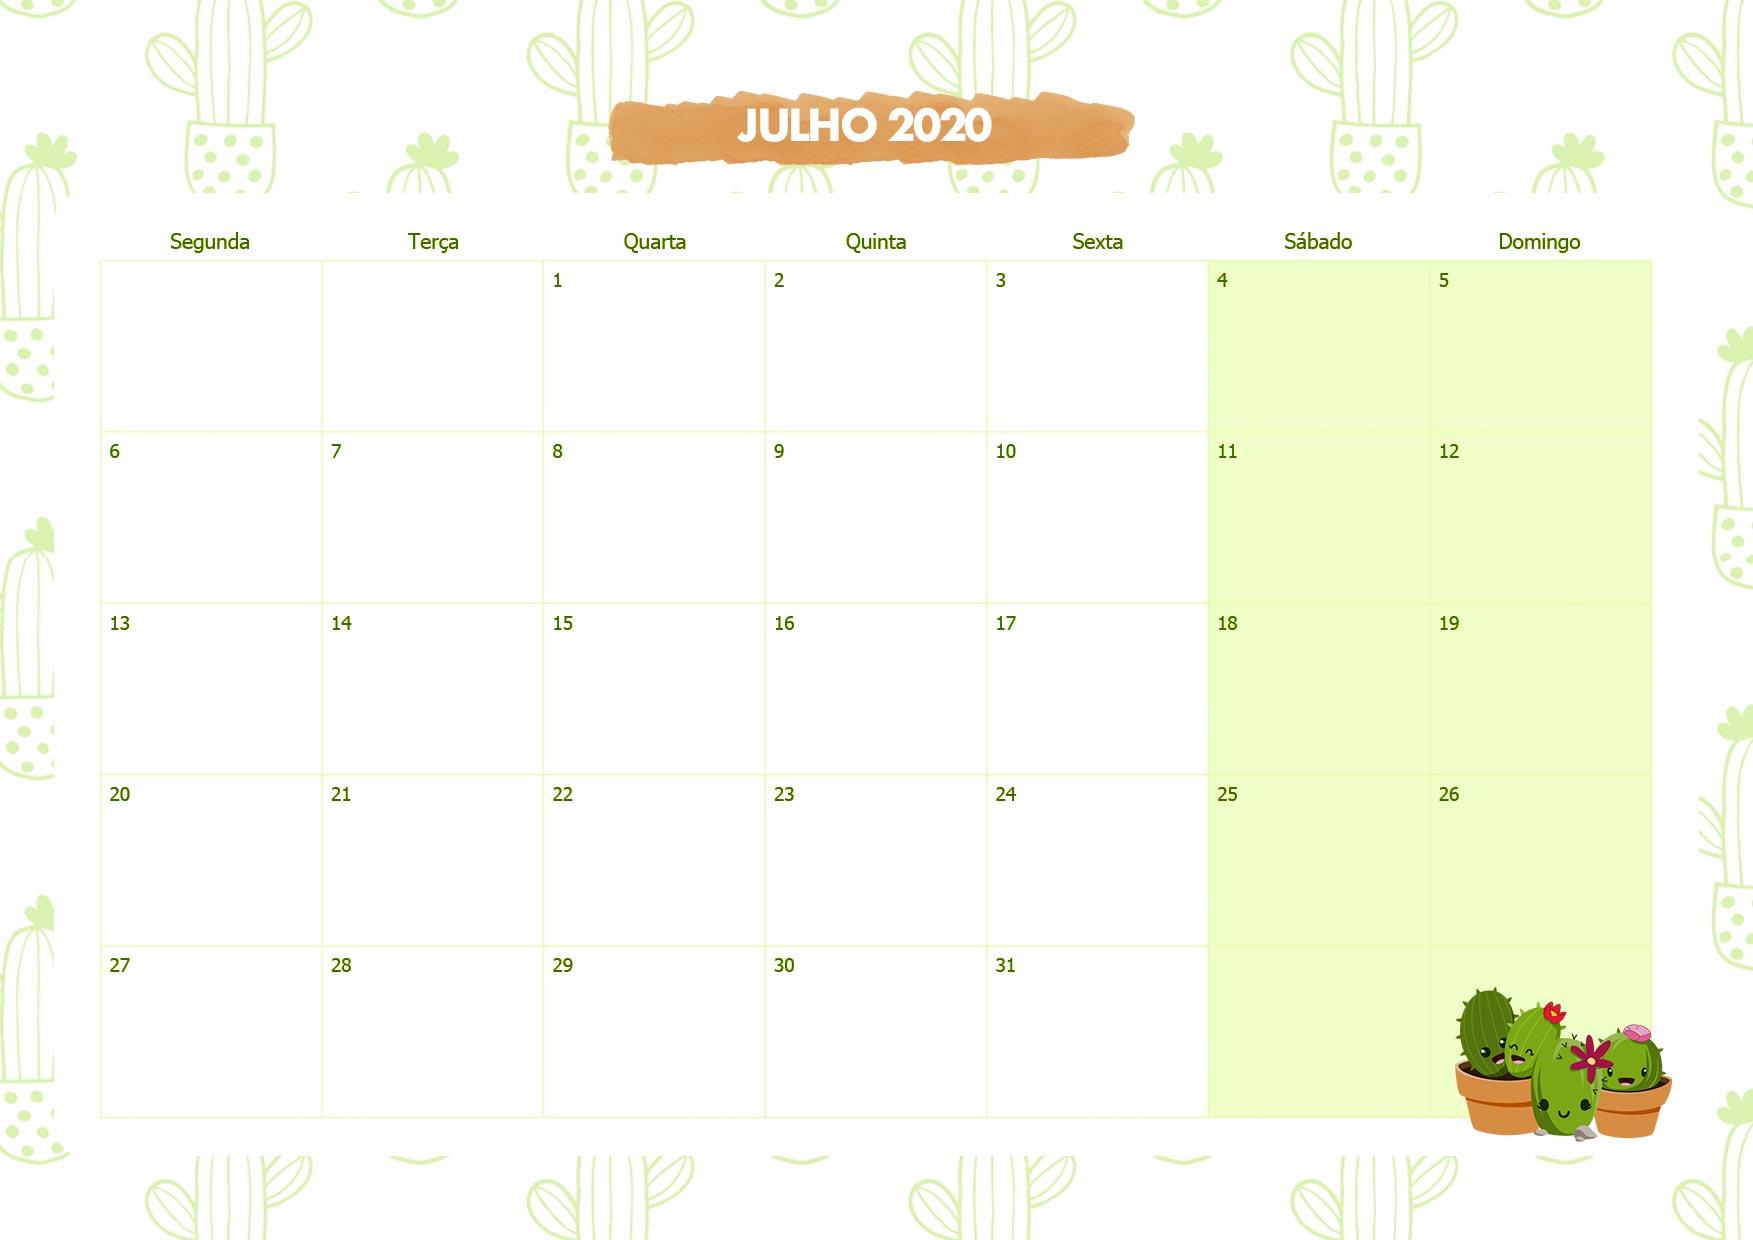 Calendario Mensal Cactos Julho 2020